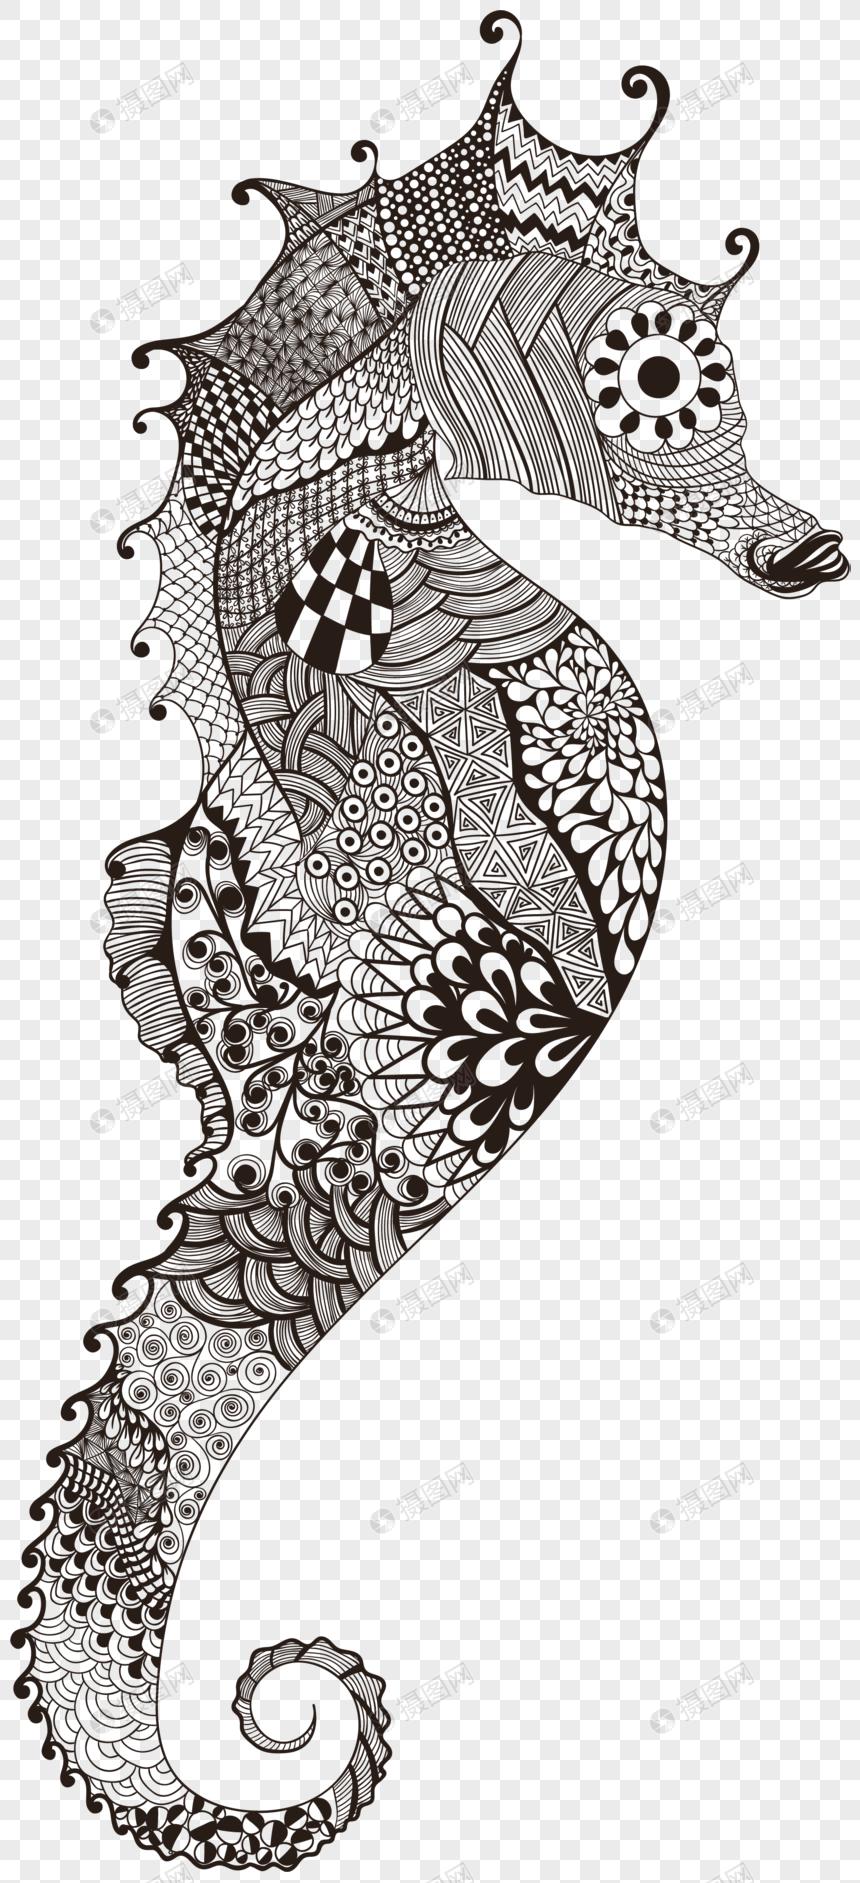 78 Gambar Dekoratif Hewan Laut Terlihat Keren Gambar Pixabay